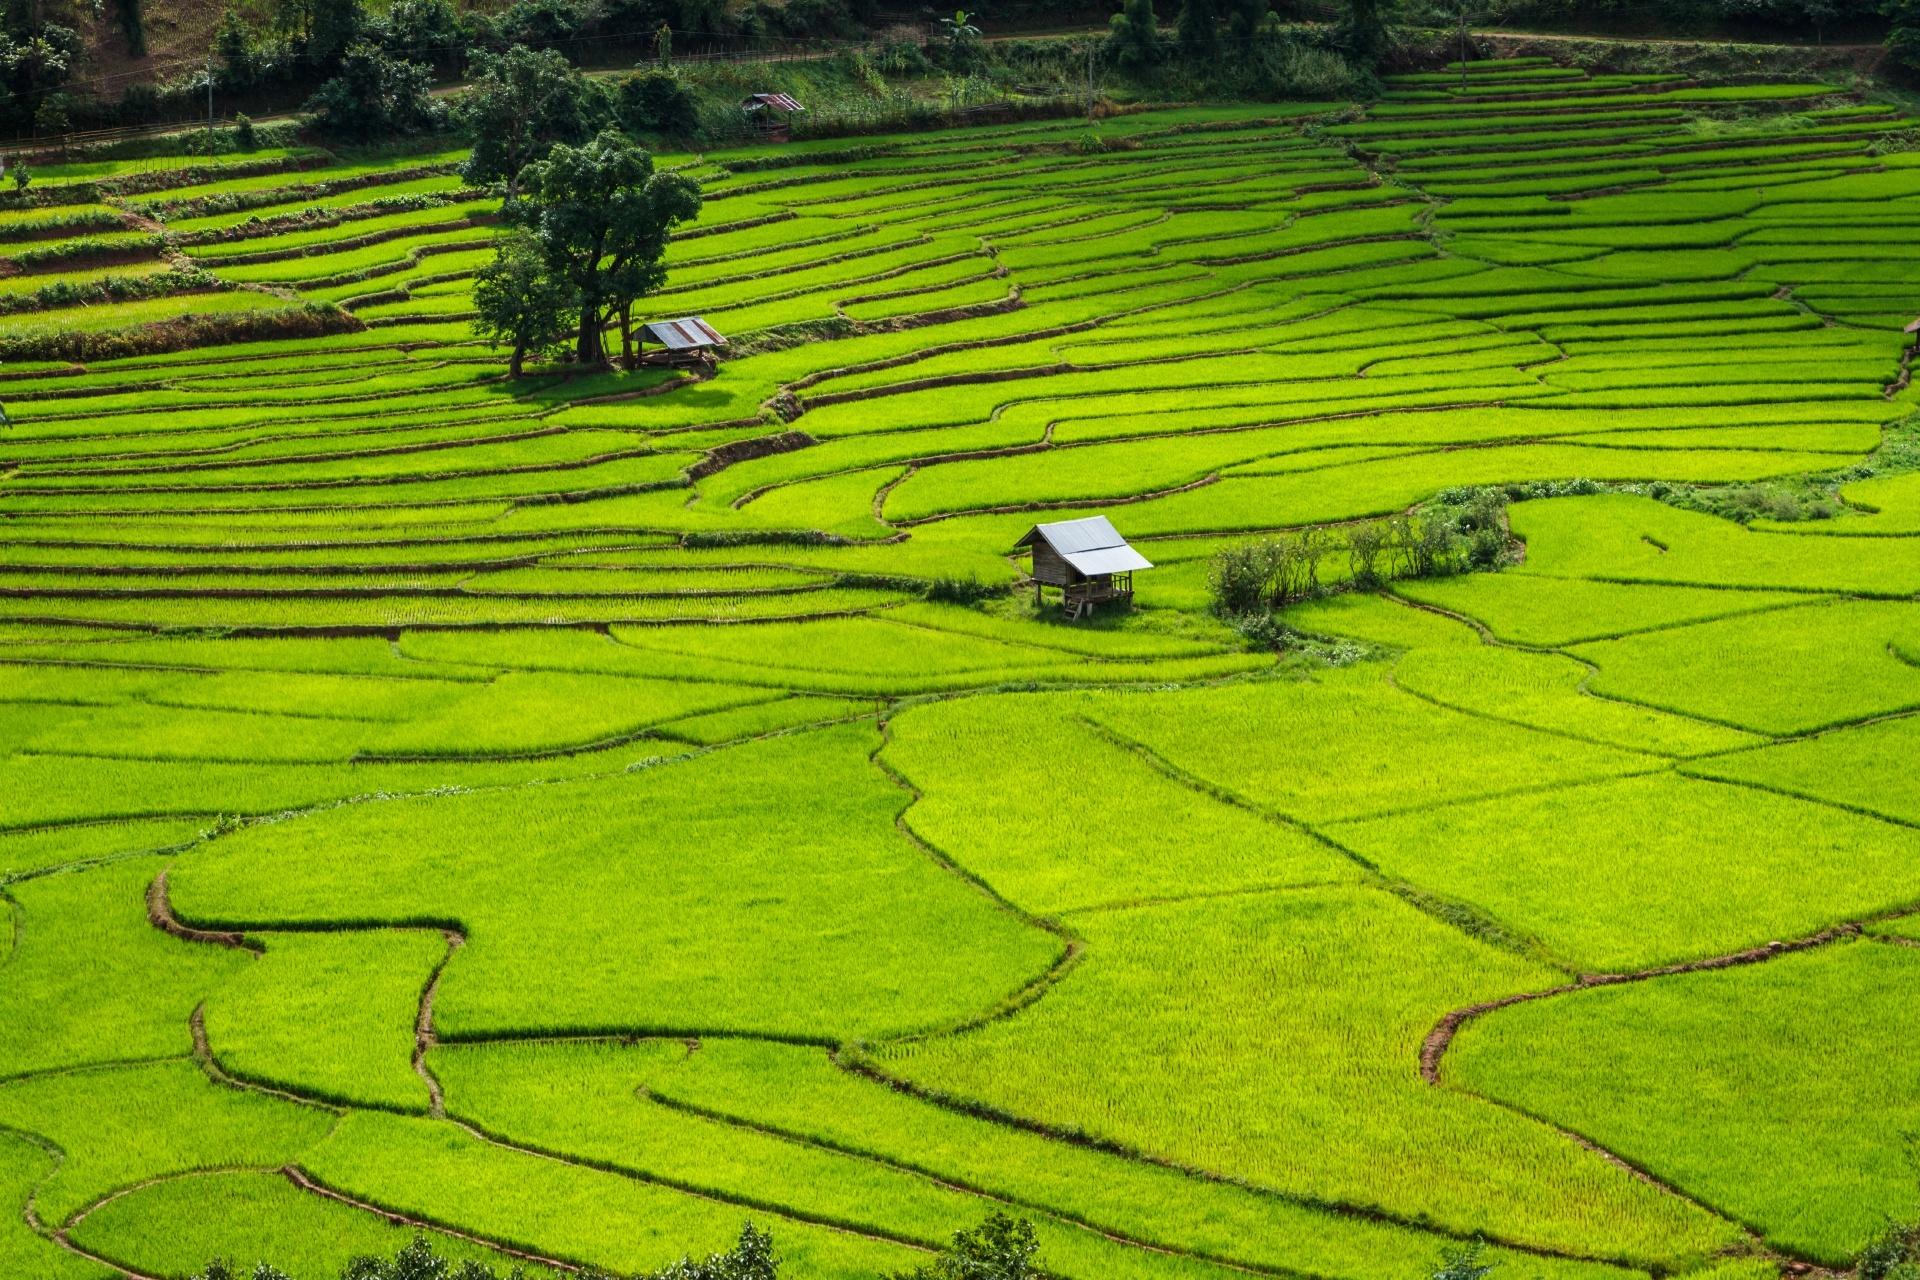 棚田の風景 タイの風景